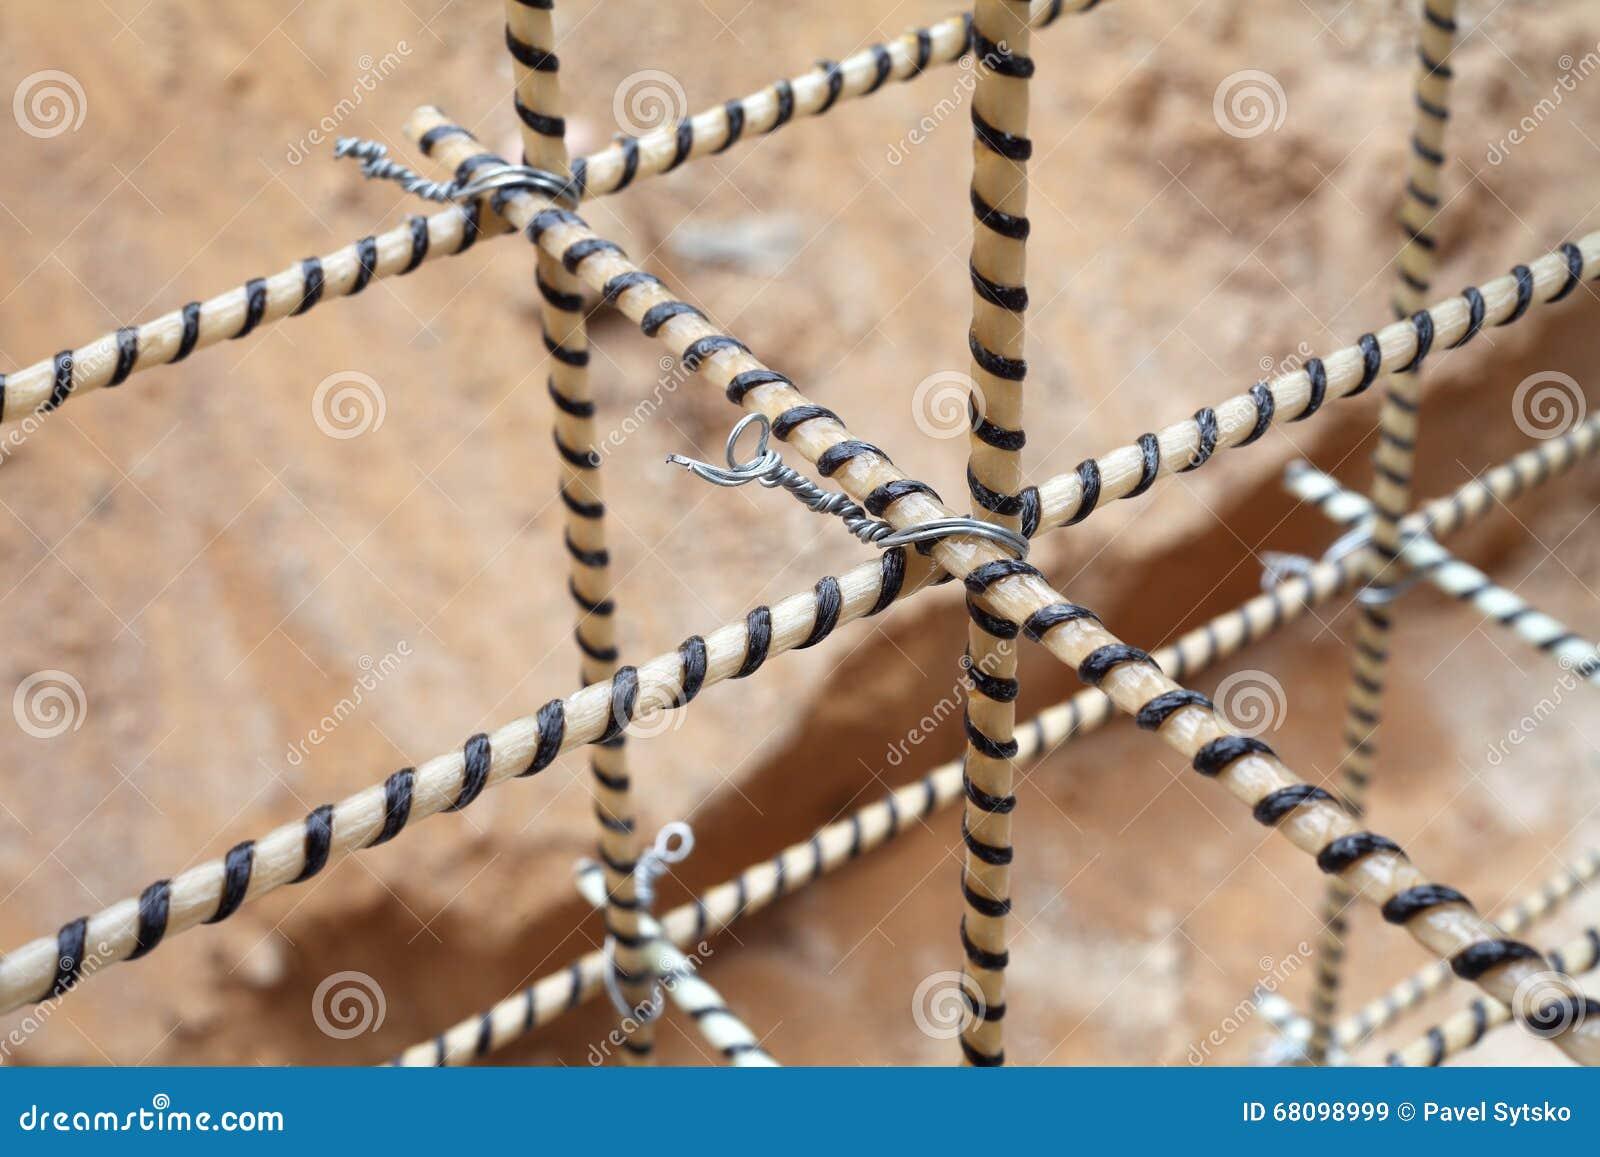 Rebars compuestos Refuerzo de la jaula Refuerzo de la fibra de vidrio